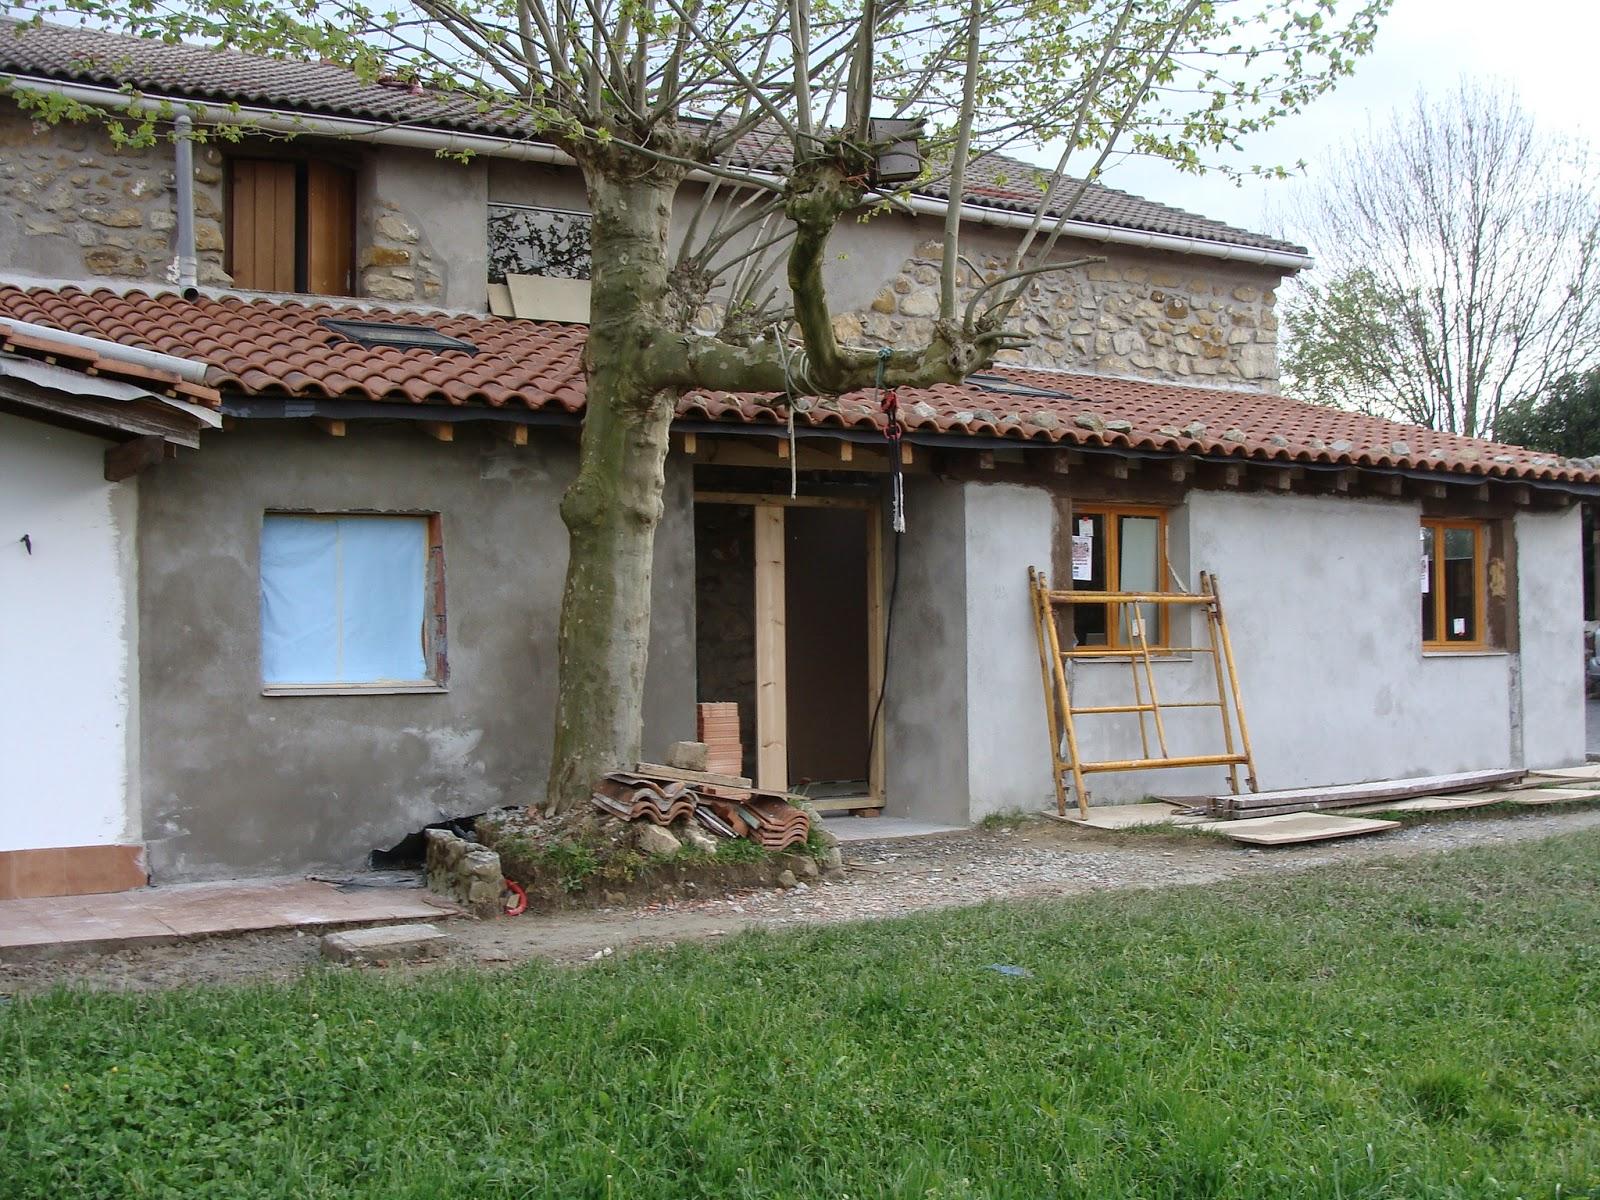 Andocarpinteando ampliaci n de vivienda estructura de madera y cerramientos con termoarcilla - Tejadillo para puerta ...